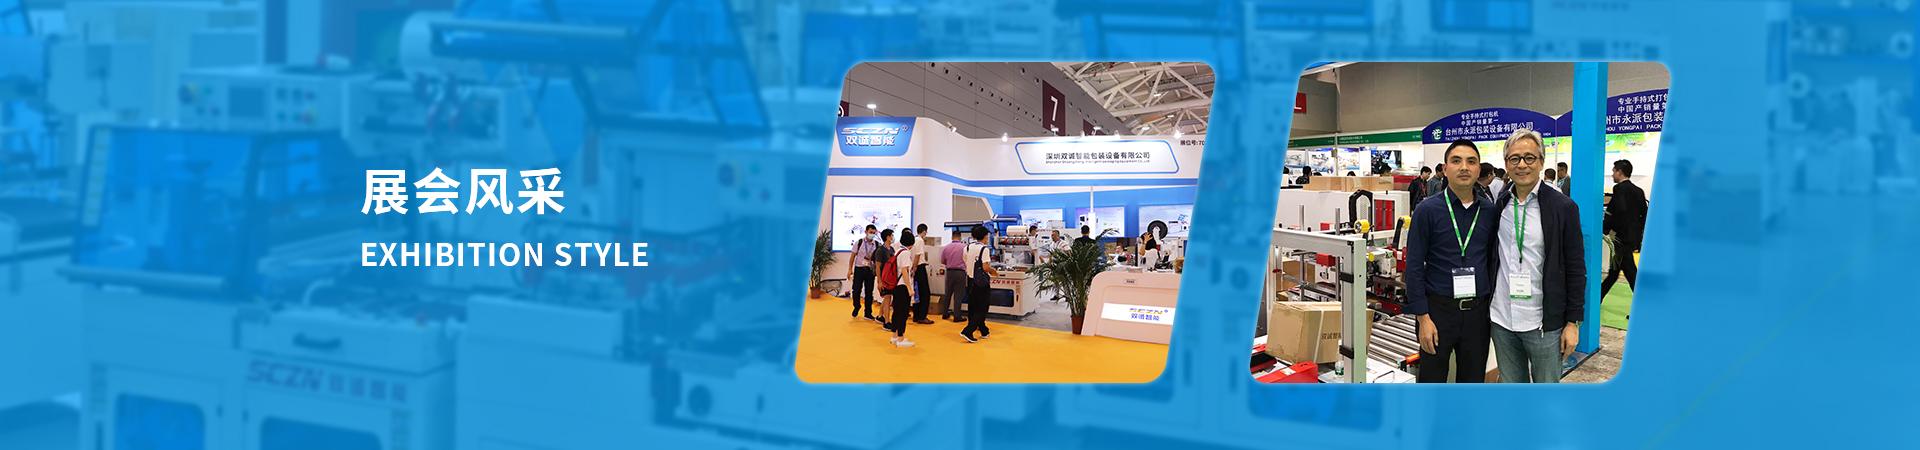 广州国际包装工业展